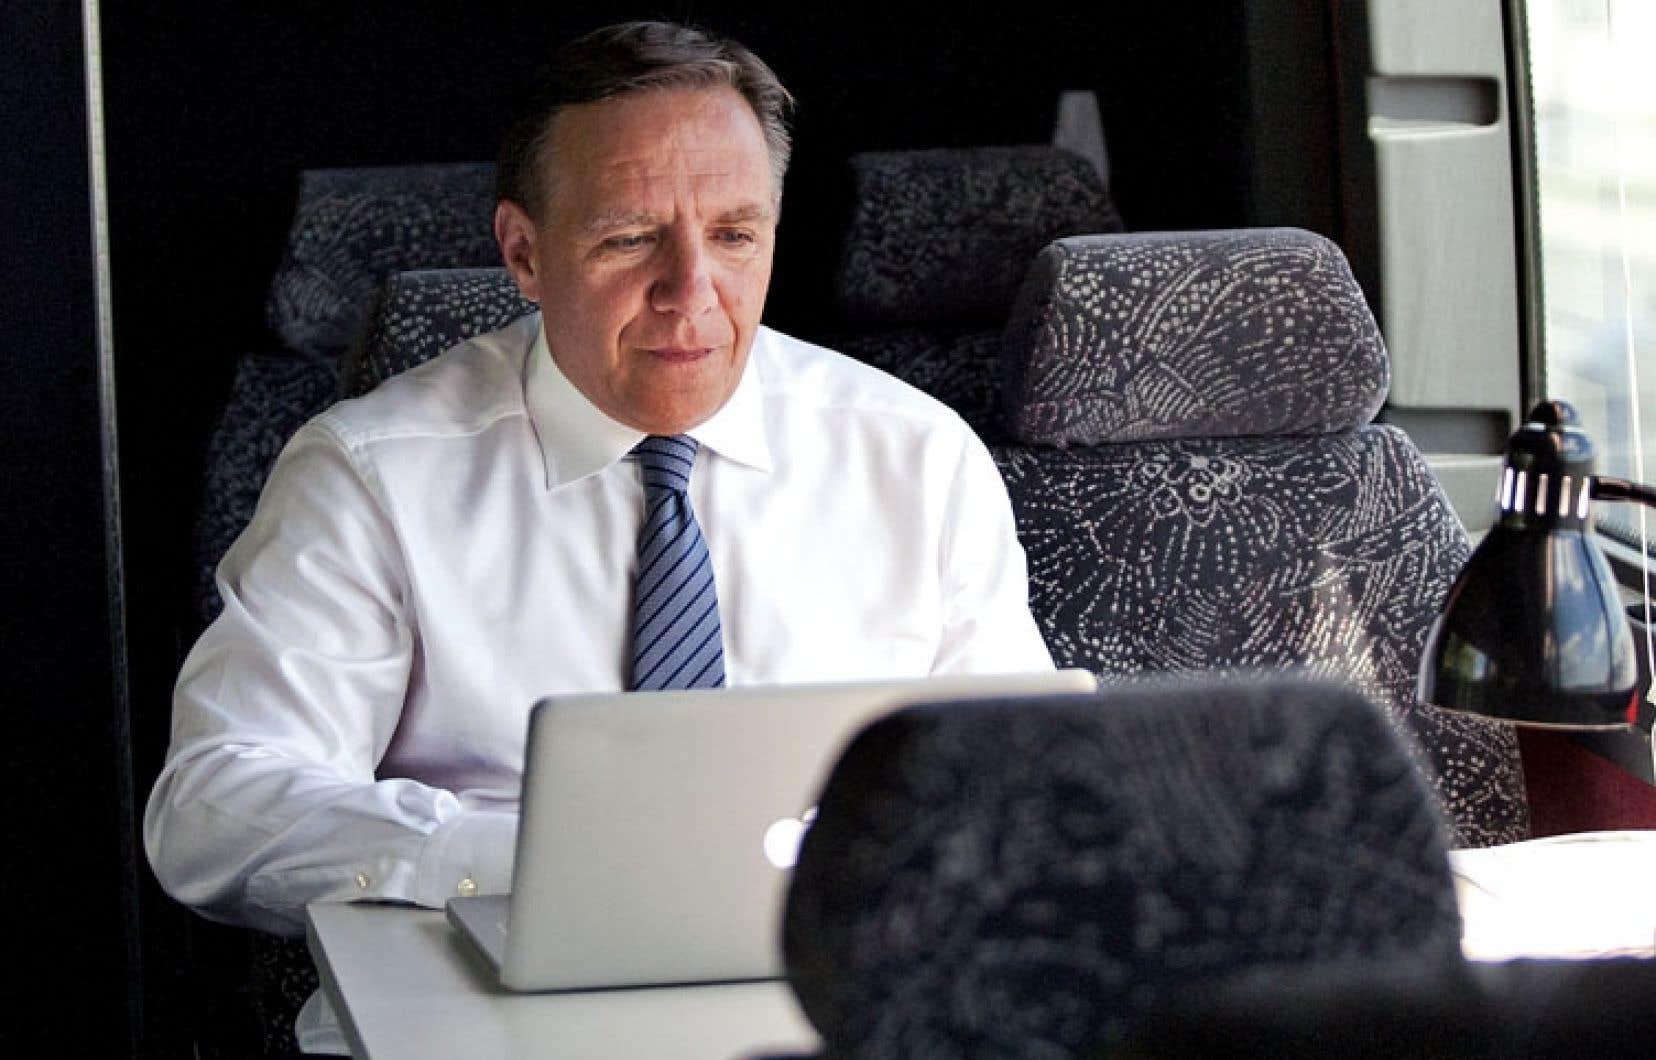 François Legault, chef de la CAQ, a visiblement développé un rapport obsessif à Twitter pendant cette campagne en diffusant personnellement plus de 2800 messages.